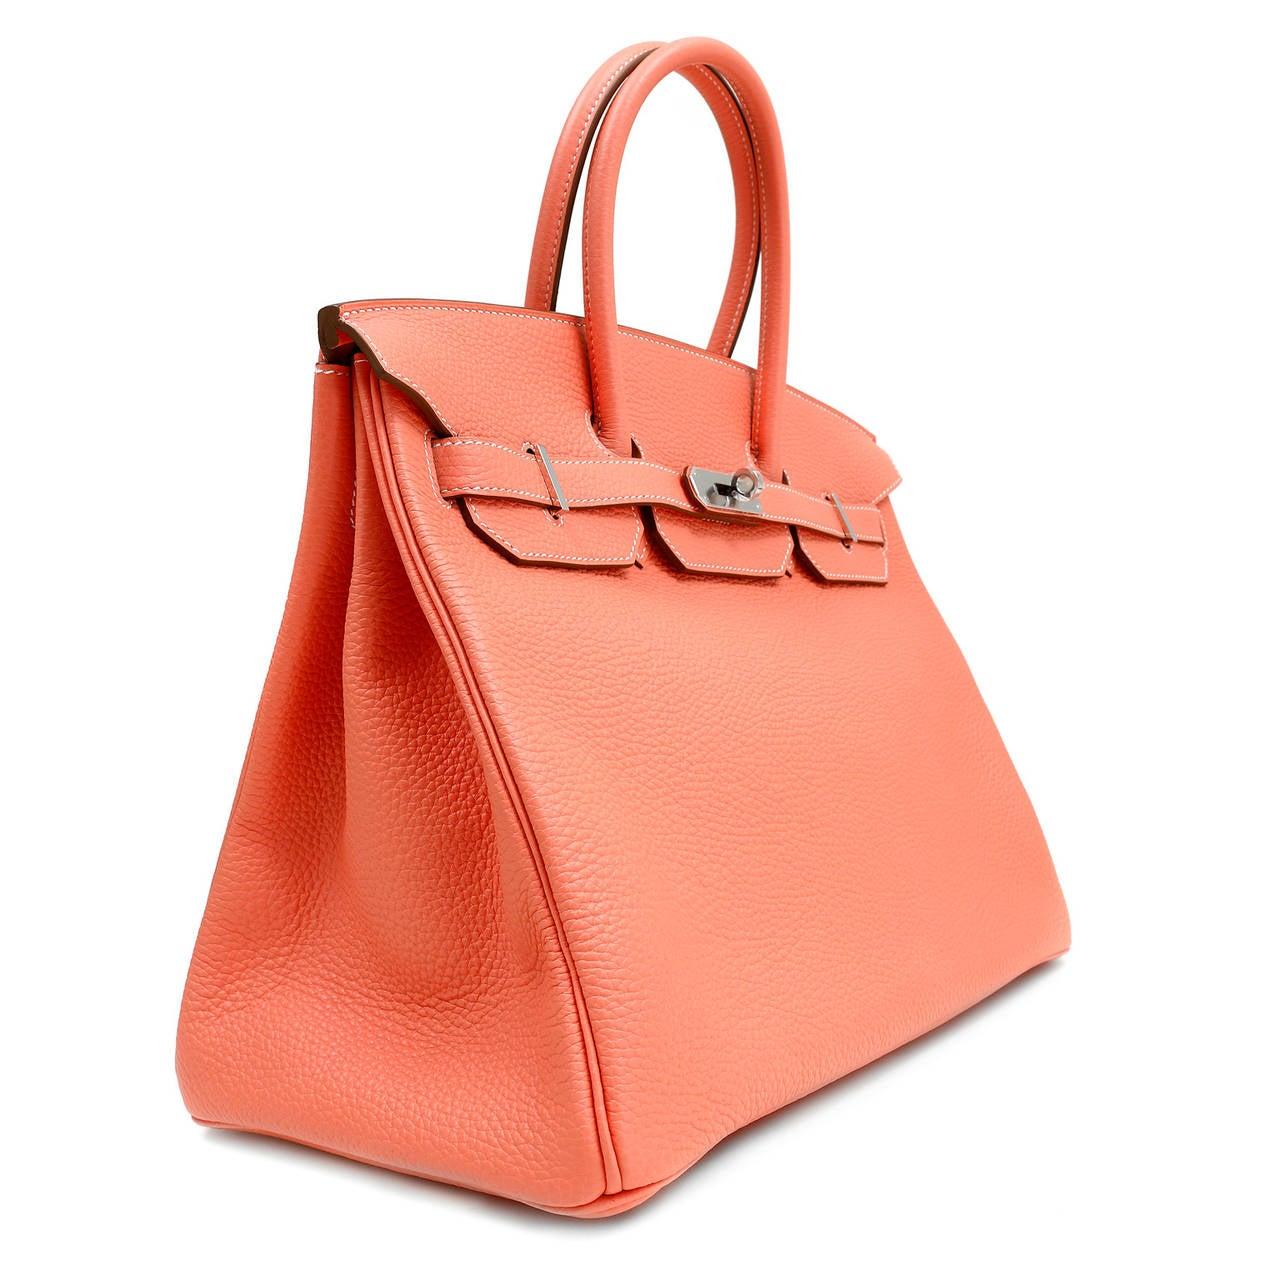 Orange Hermes Crevette Togo 35 cm Birkin Bag- Salmon Pink Color For Sale